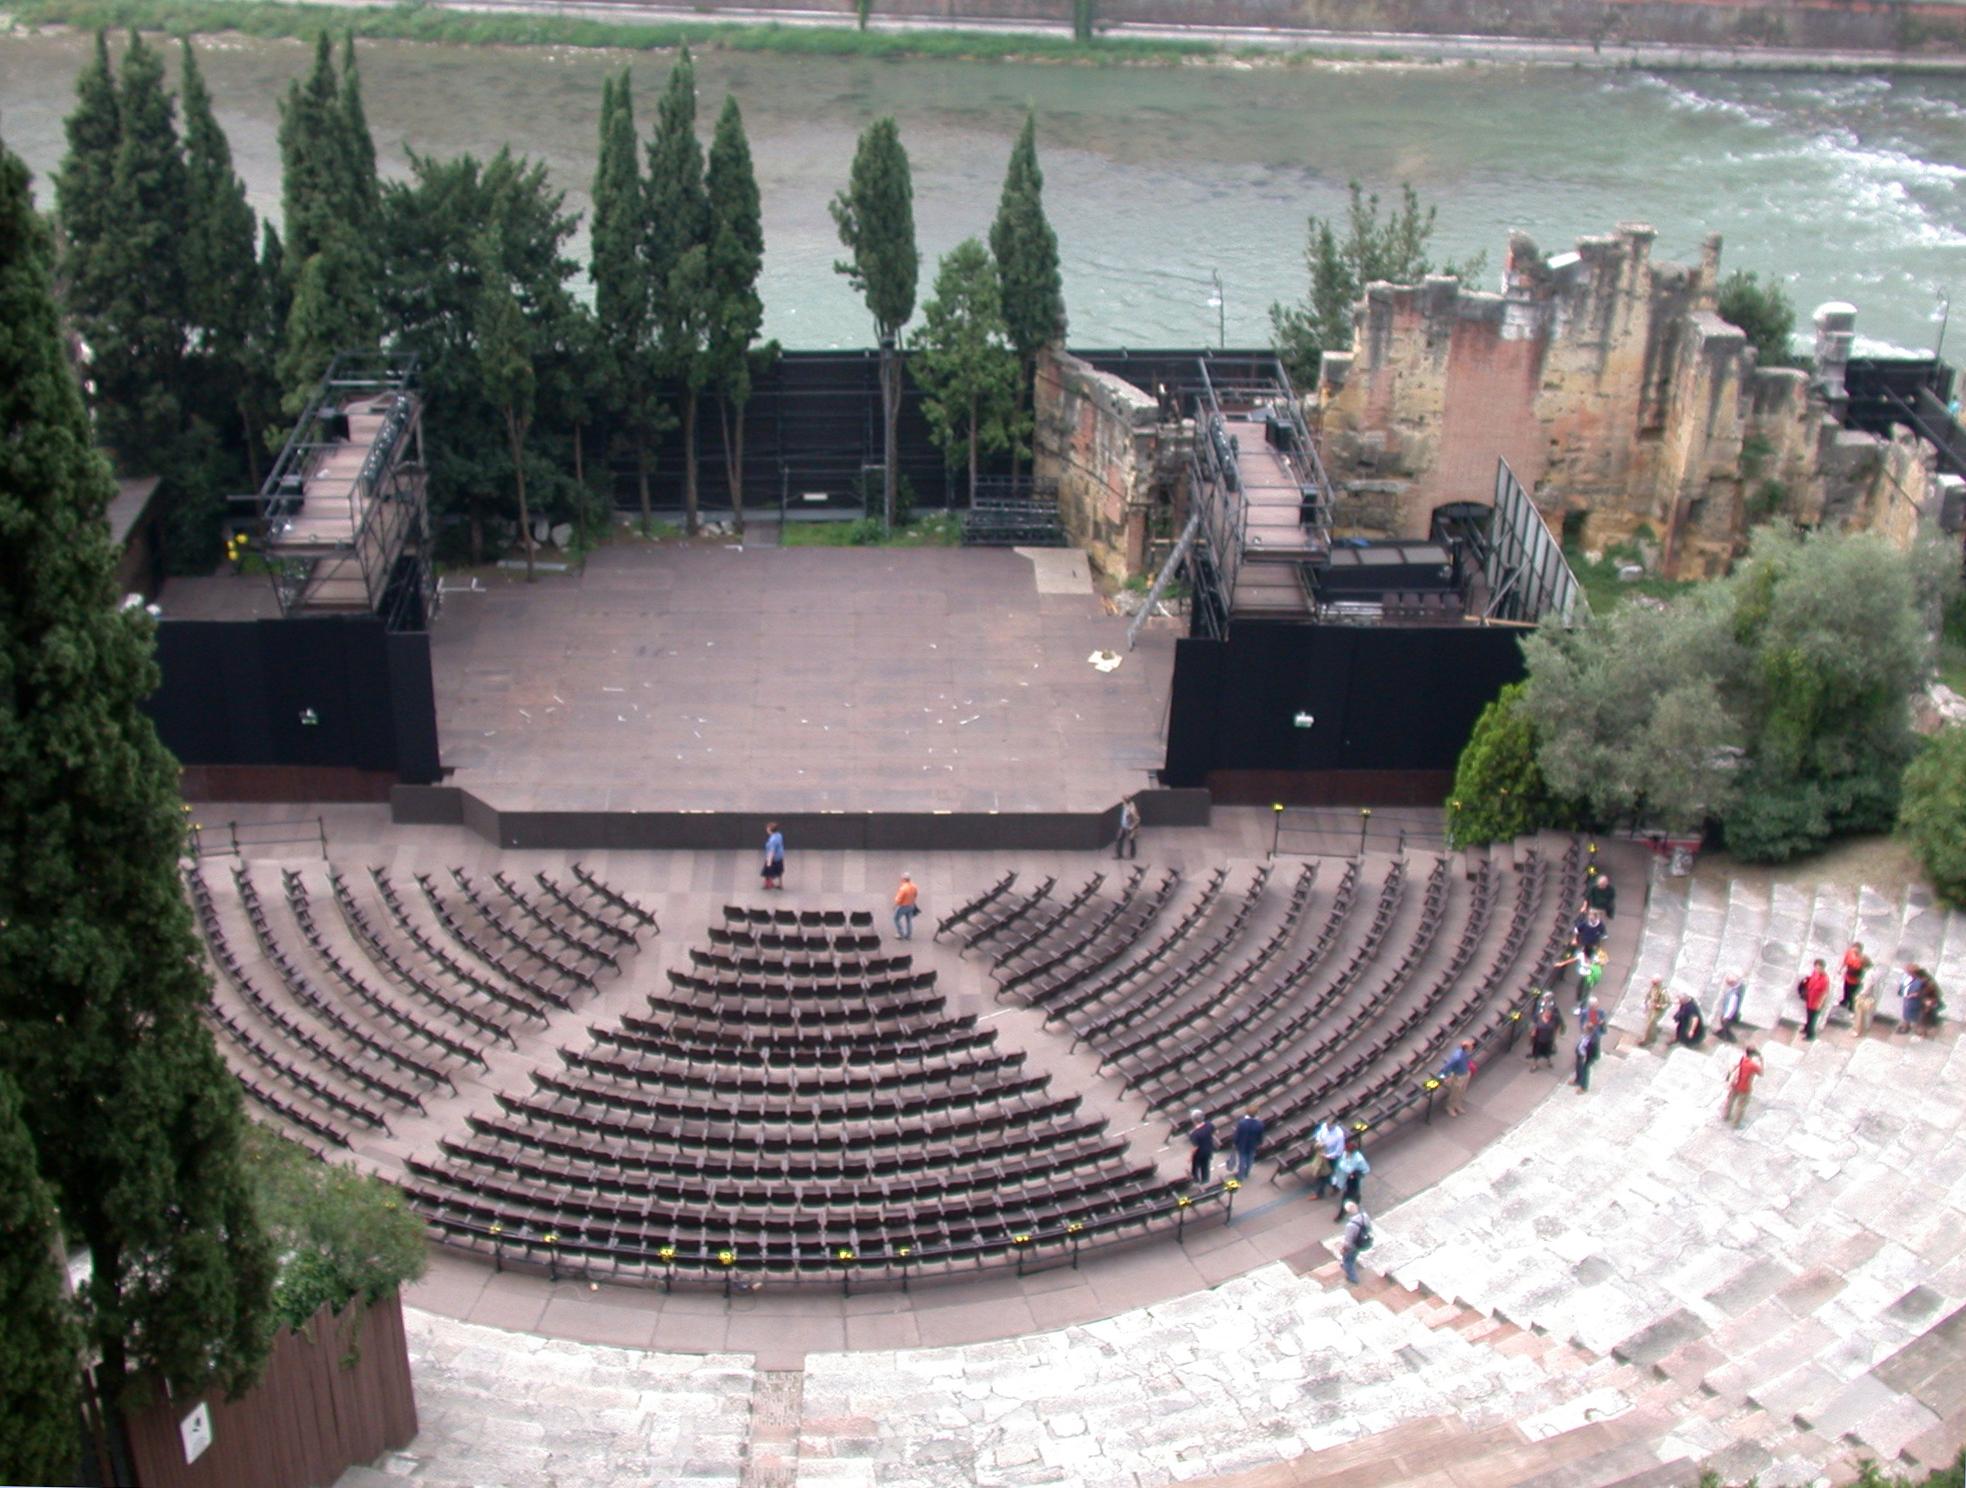 Polemica a Verona: il teatro romano sarà una pista di pattinaggio